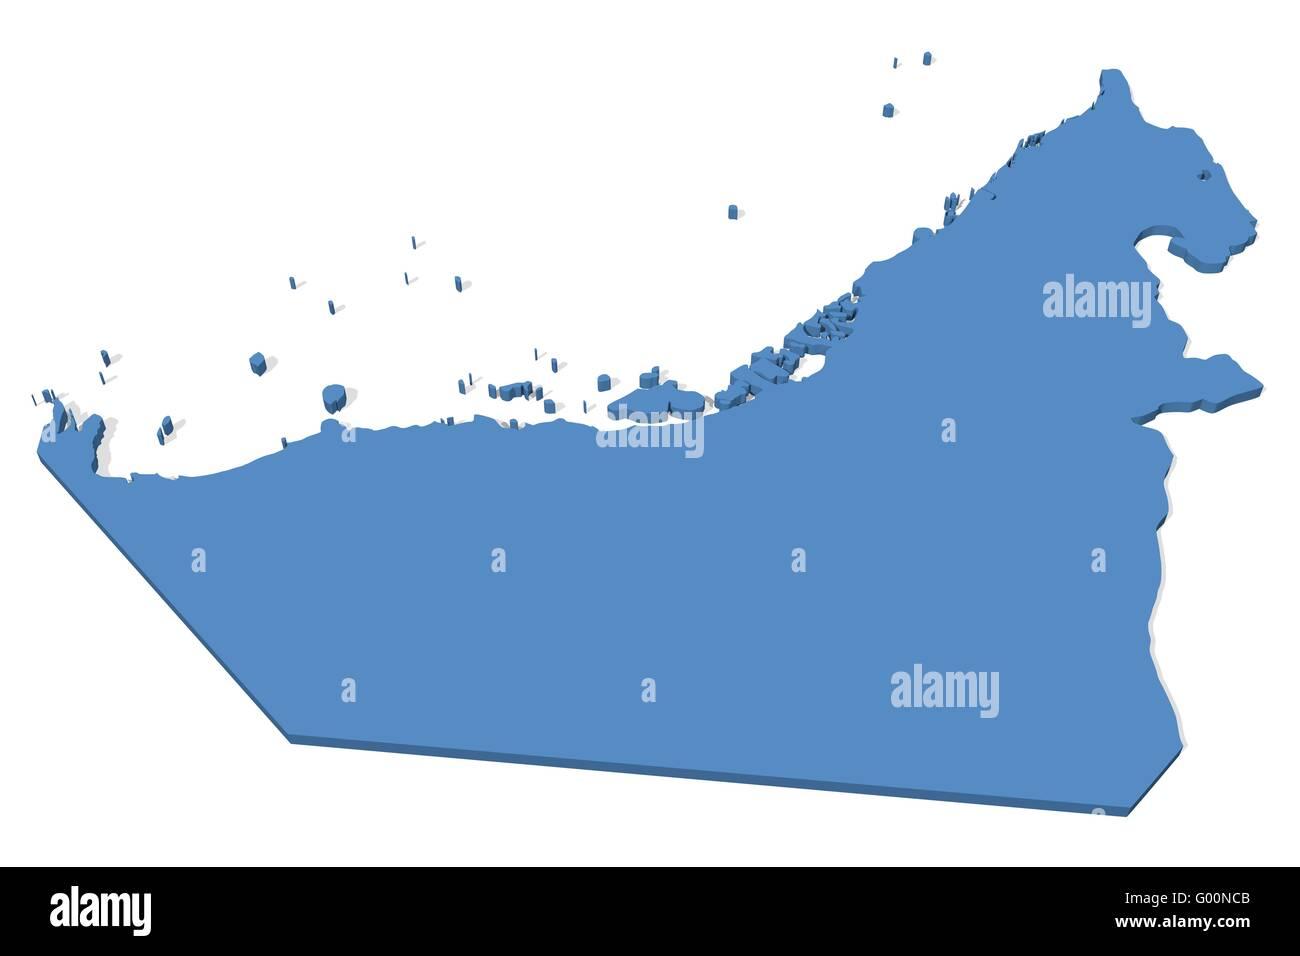 United Arab Emirates Map - Stock Image